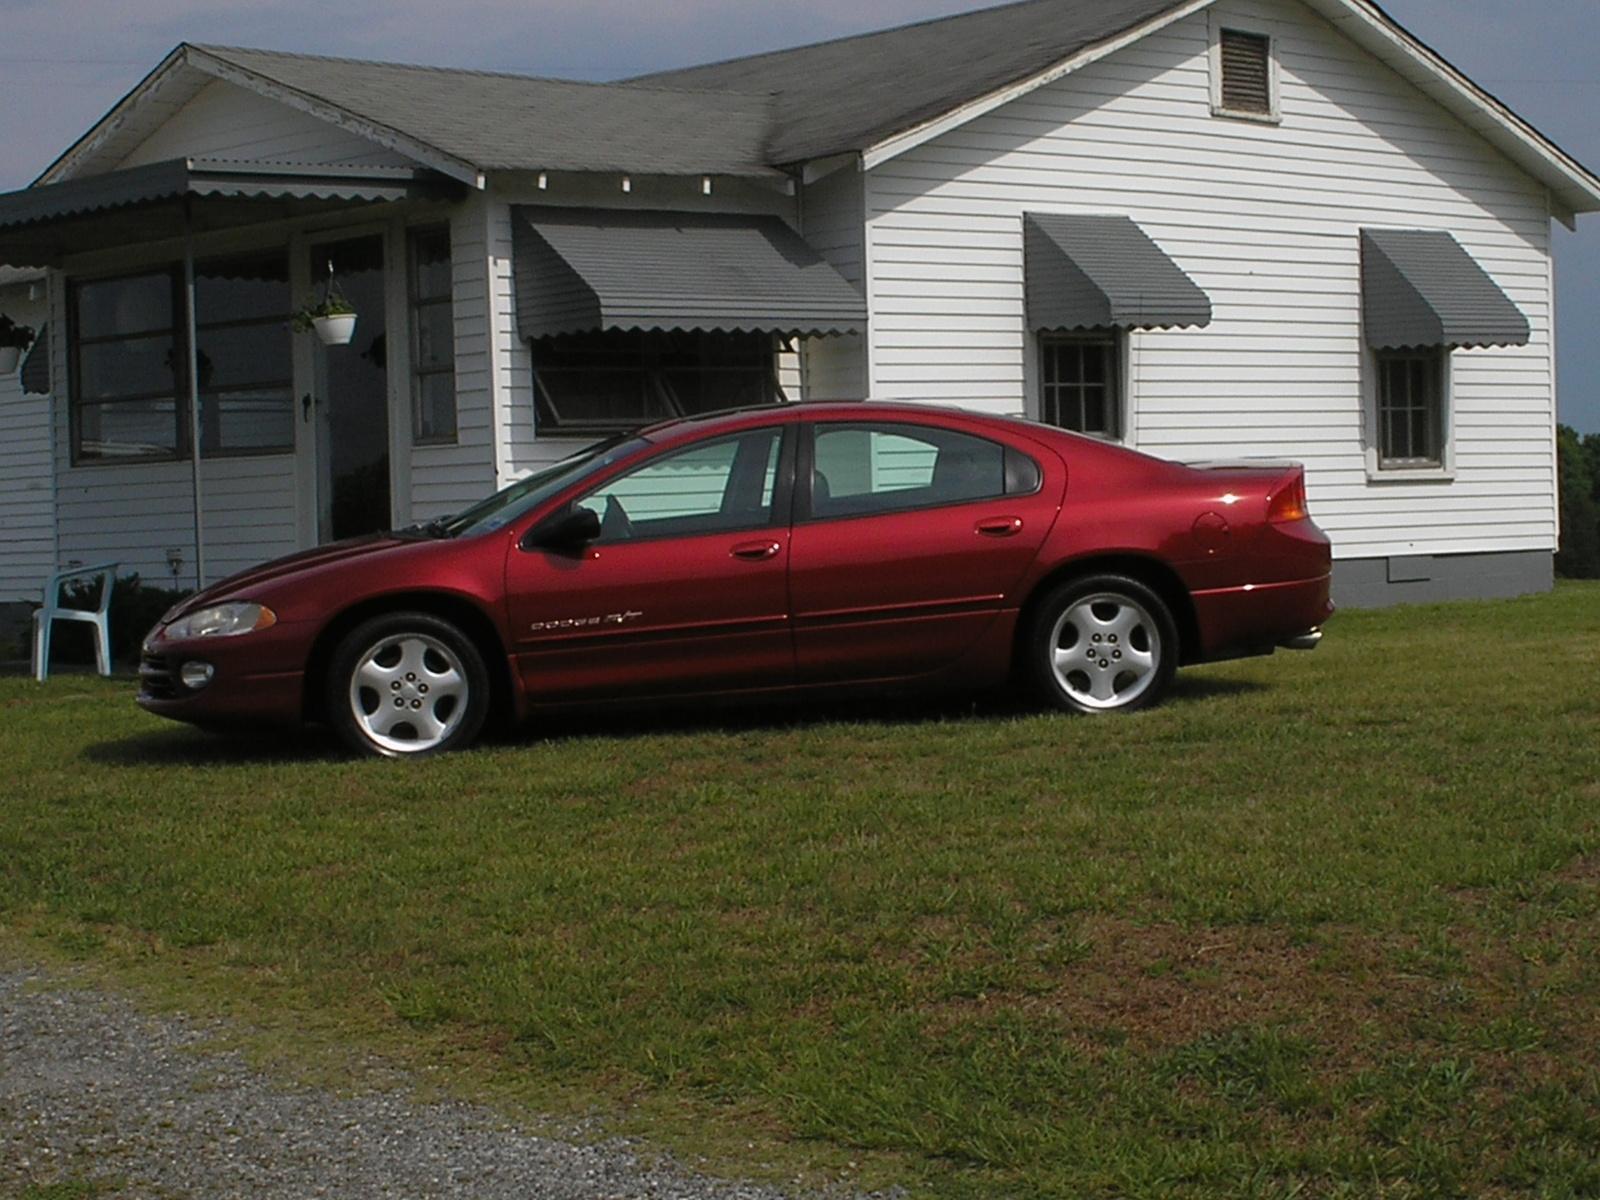 2000 Dodge Intrepid R/T - Pictures - 2000 Dodge Intrepid R/T pictur ...